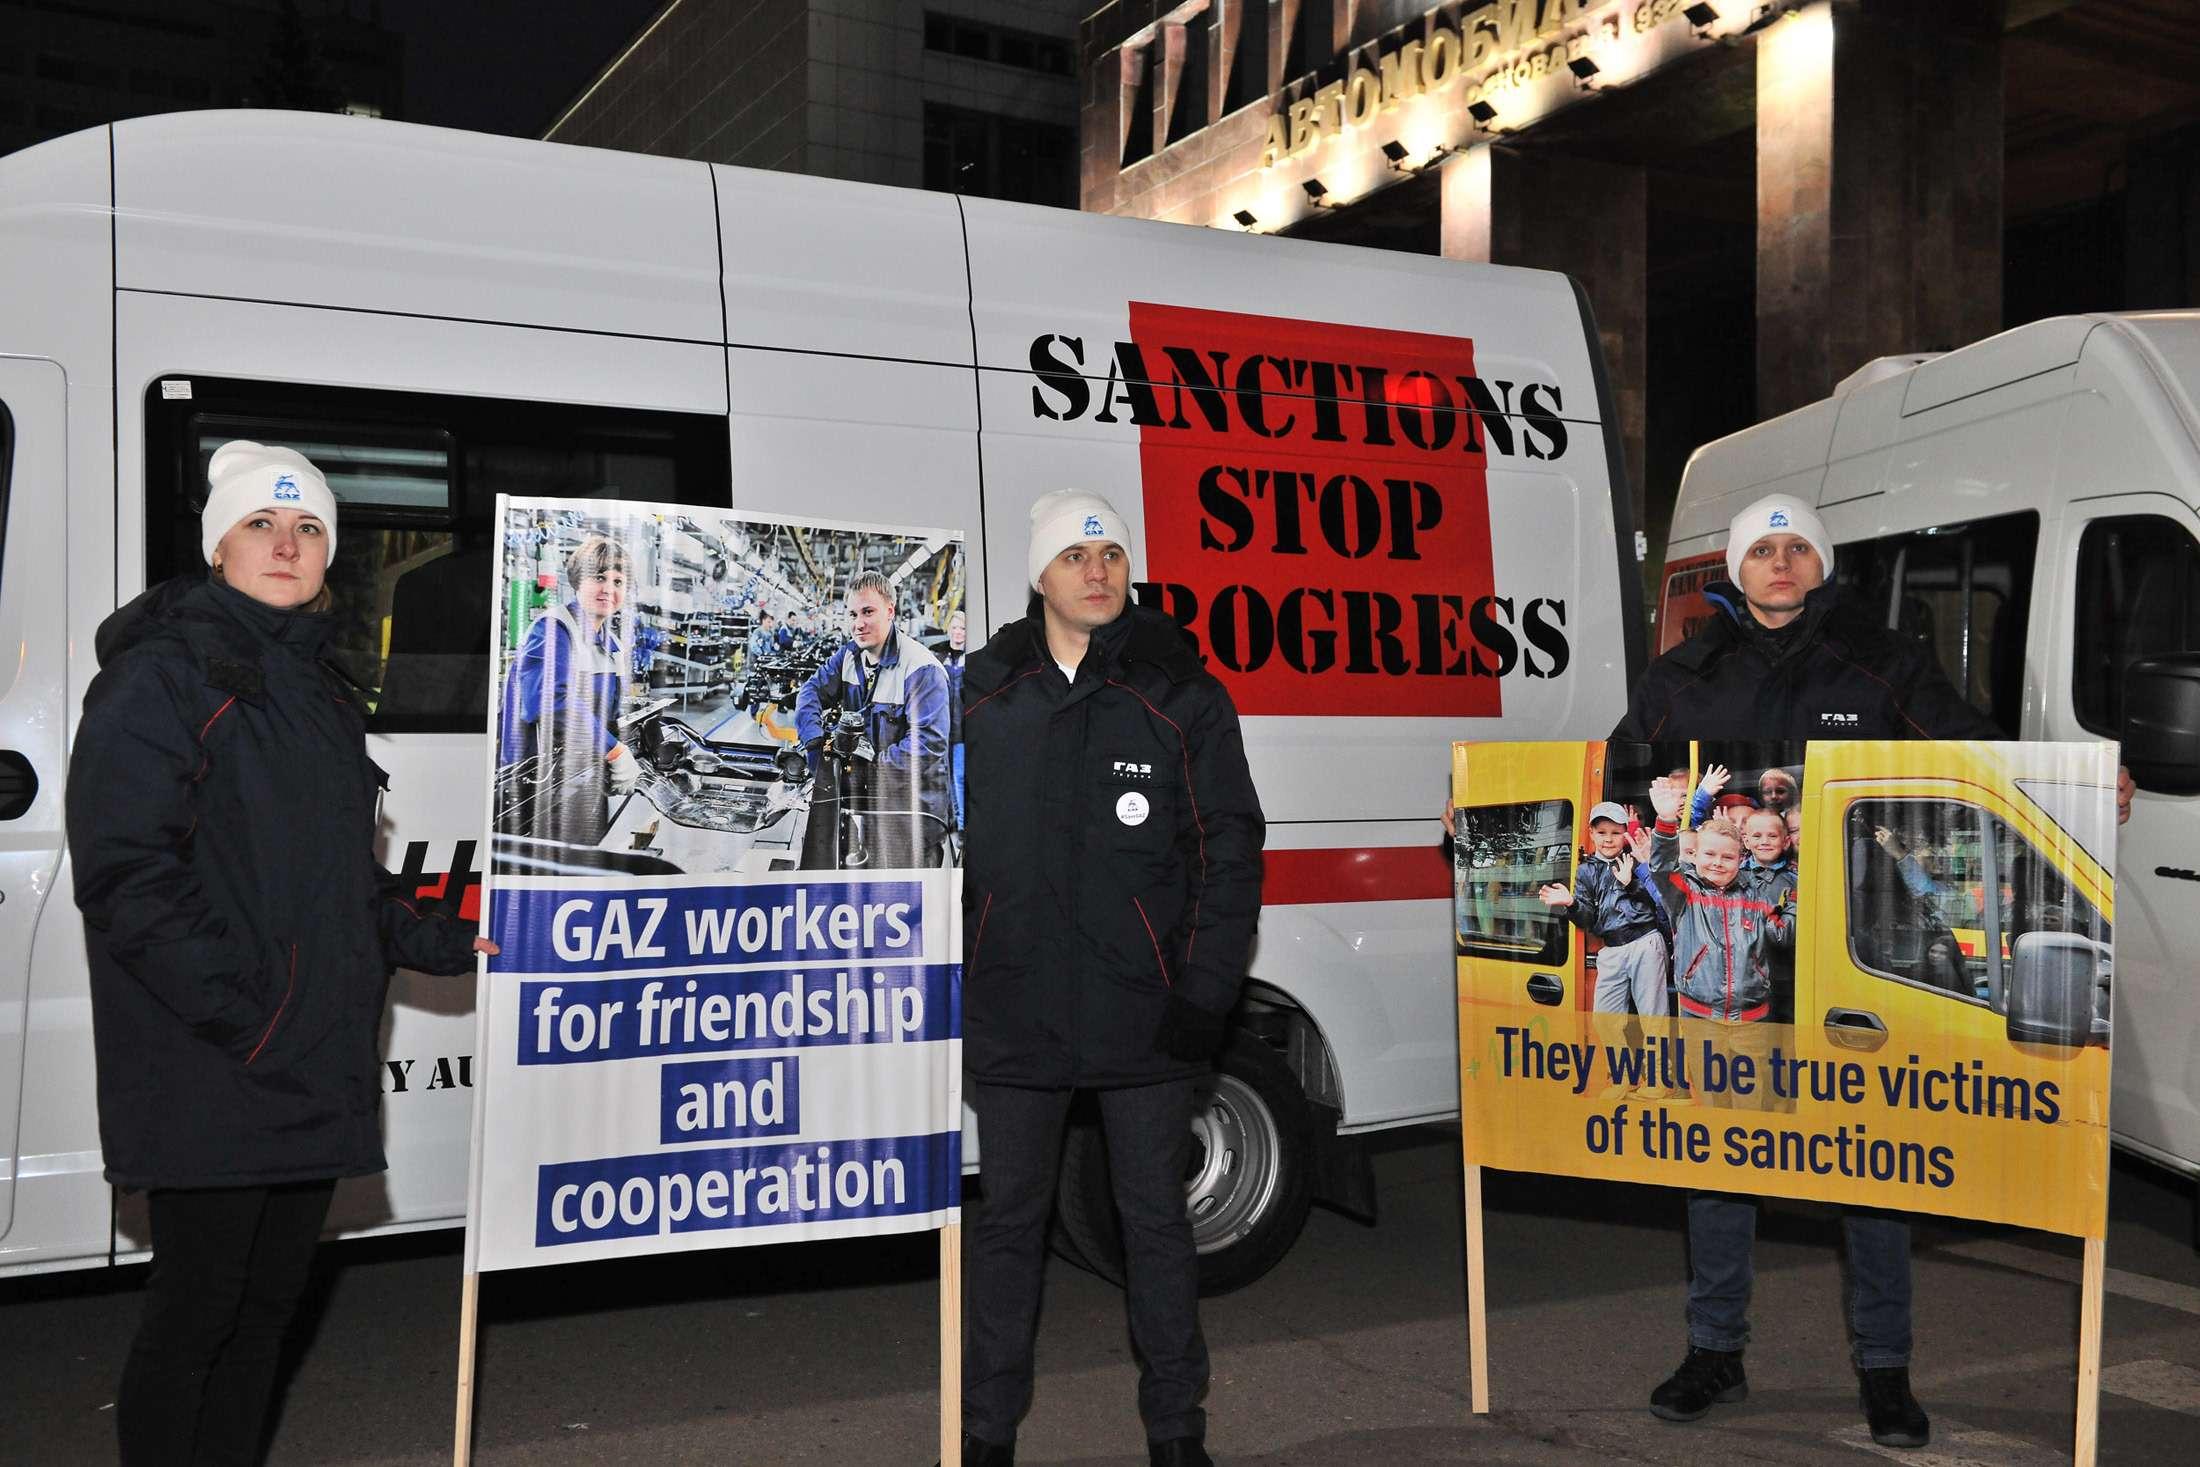 Охужэти санкции! Рабочие ГАЗа отправились протестовать вГерманию— фото 1012724